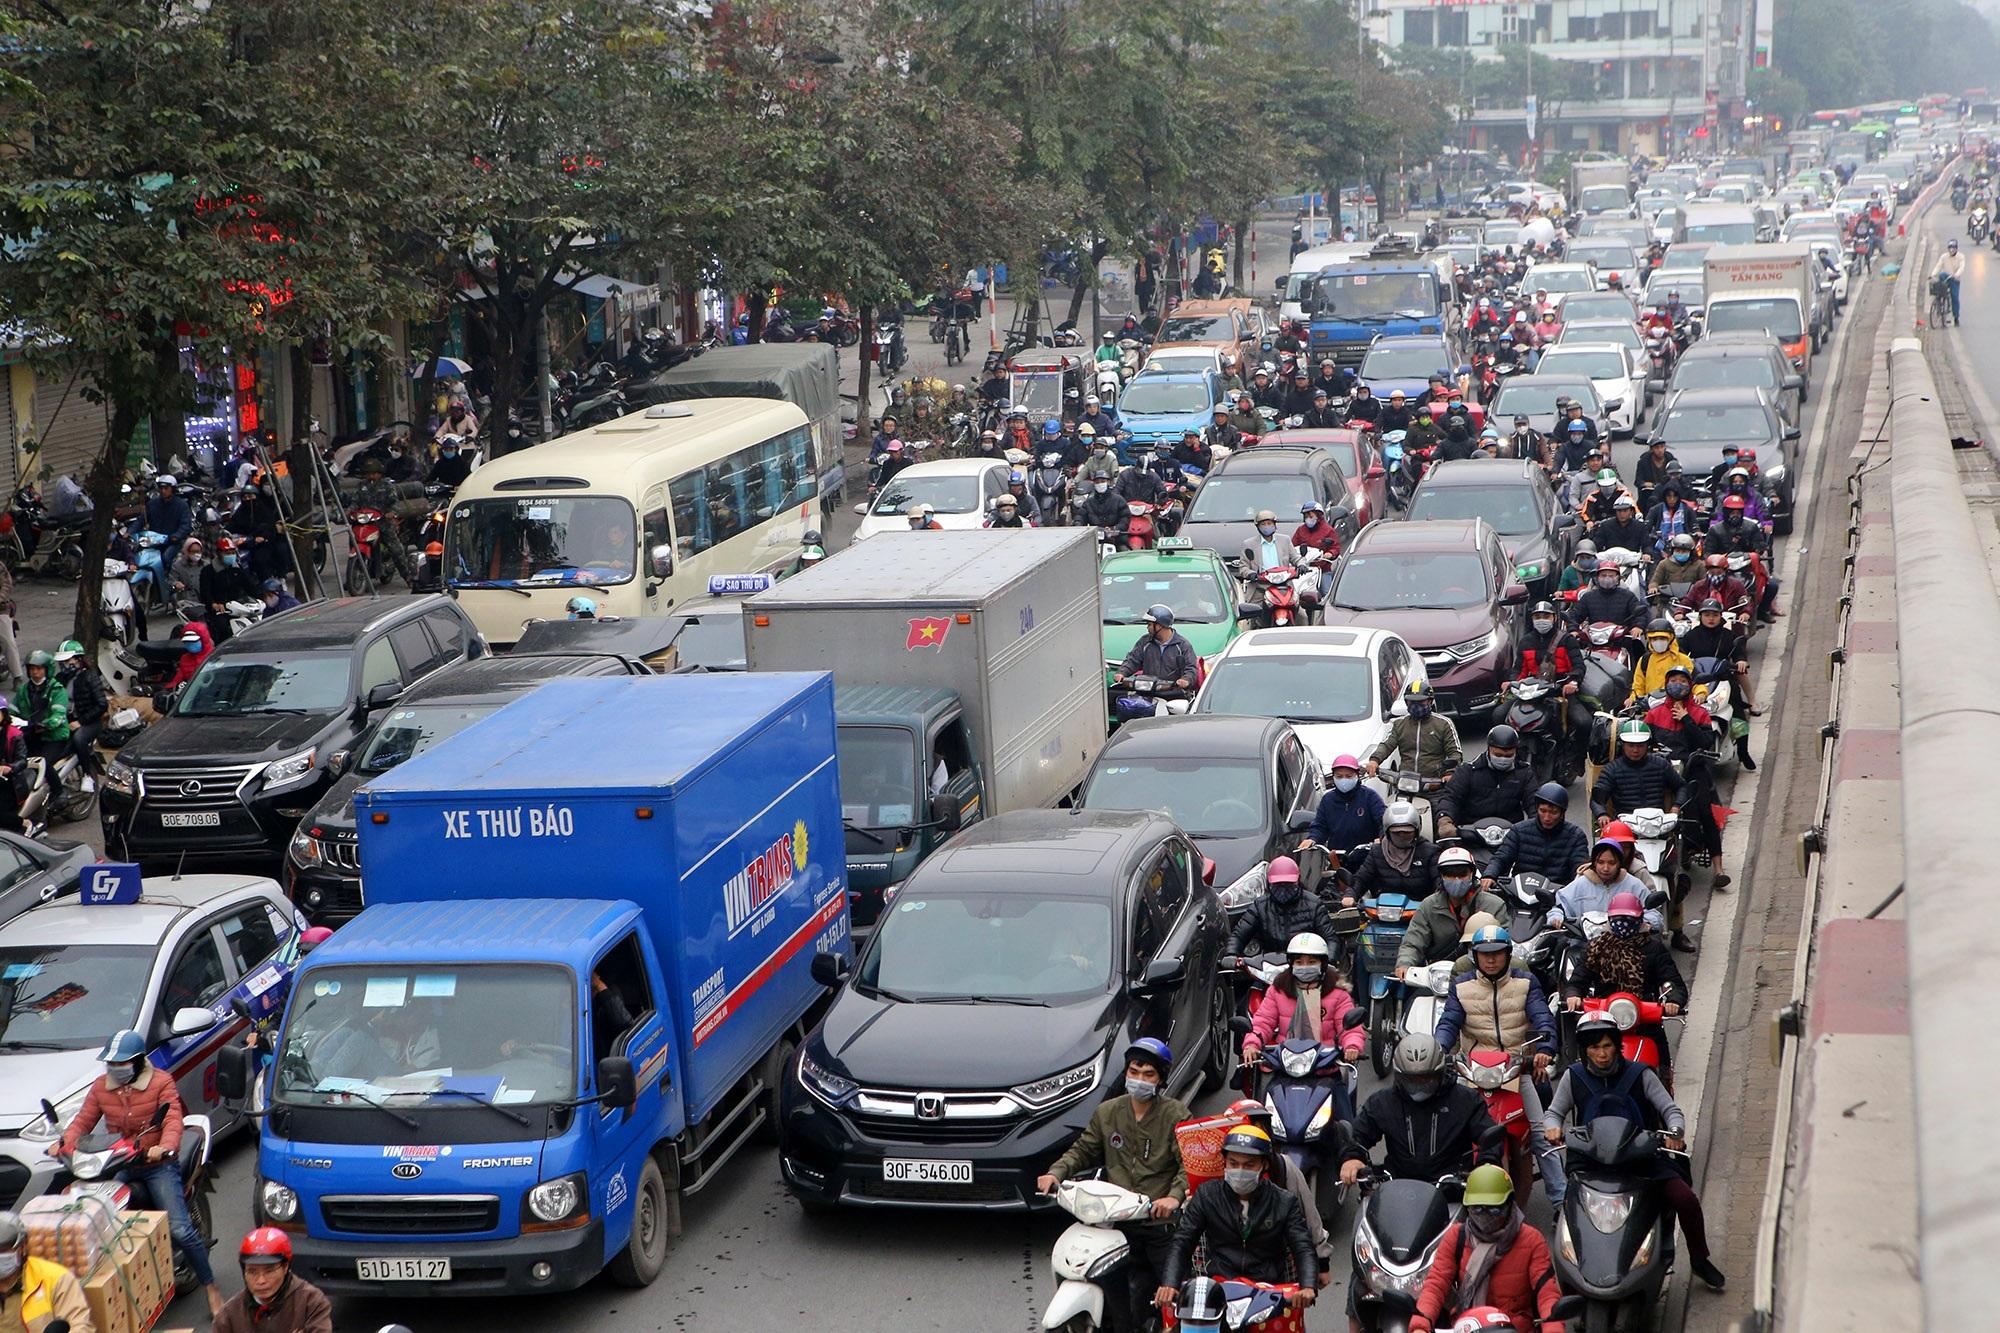 Hà Nội: Đường phố giáp Tết kẹt cứng - 14